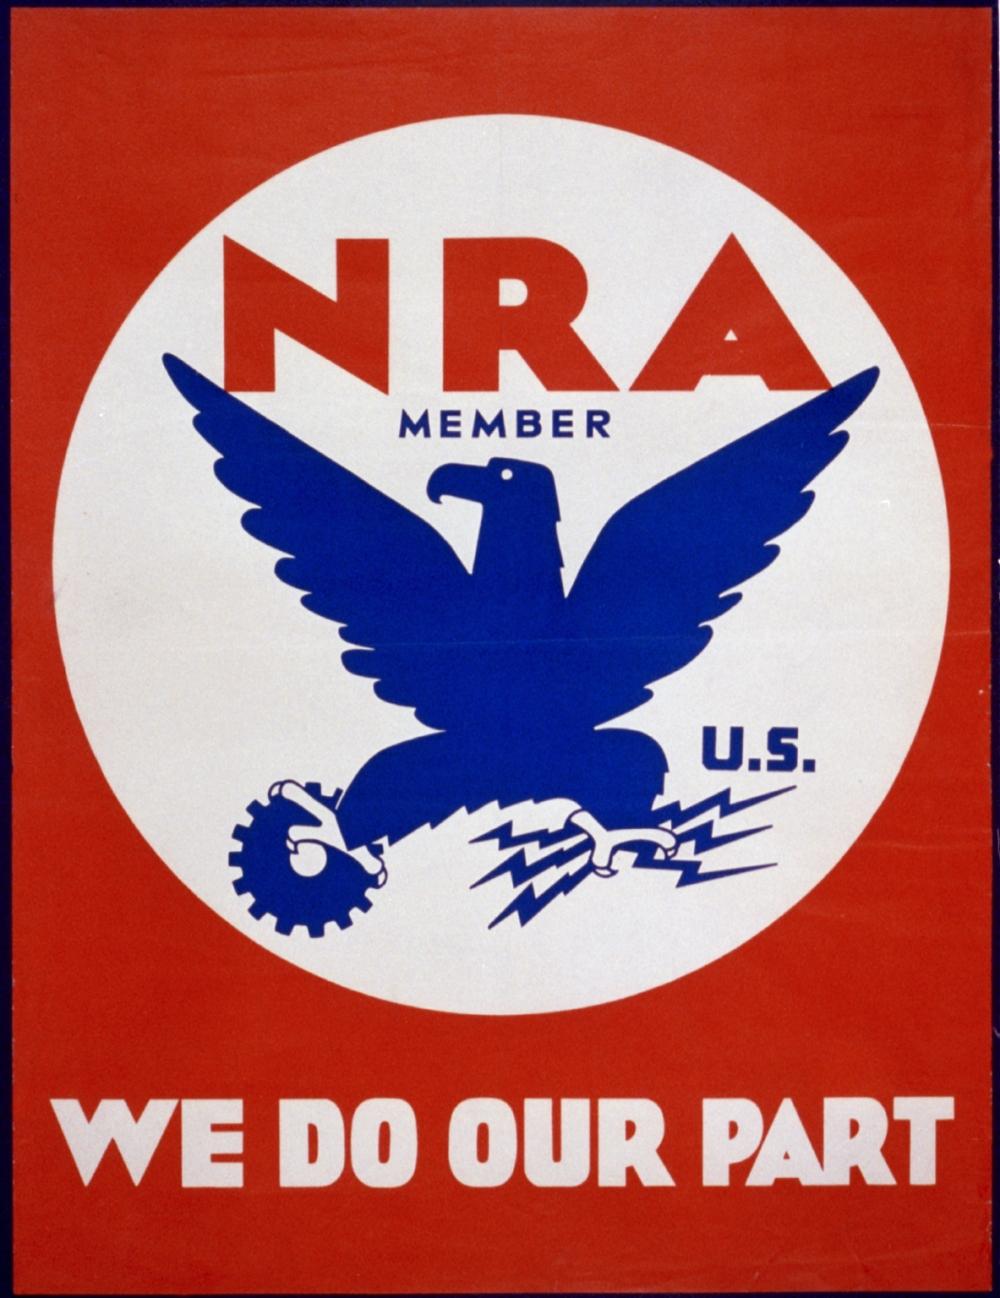 NRA_member,_we_do_our_part.jpg